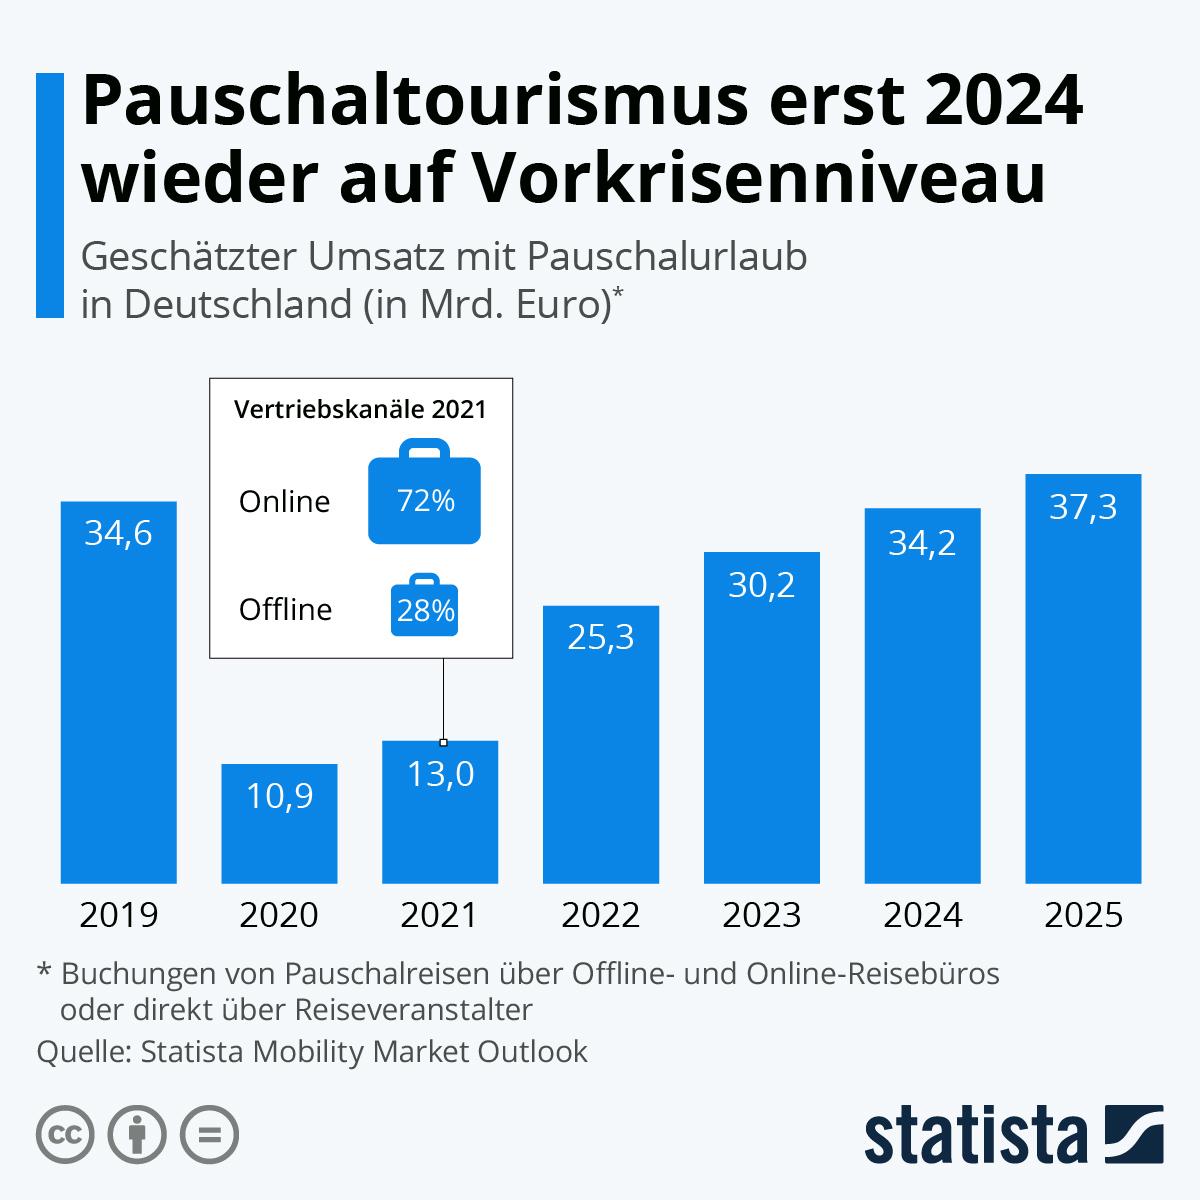 Infografik: Pauschaltourismus erst 2024 wieder auf Vorkrisenniveau   Statista